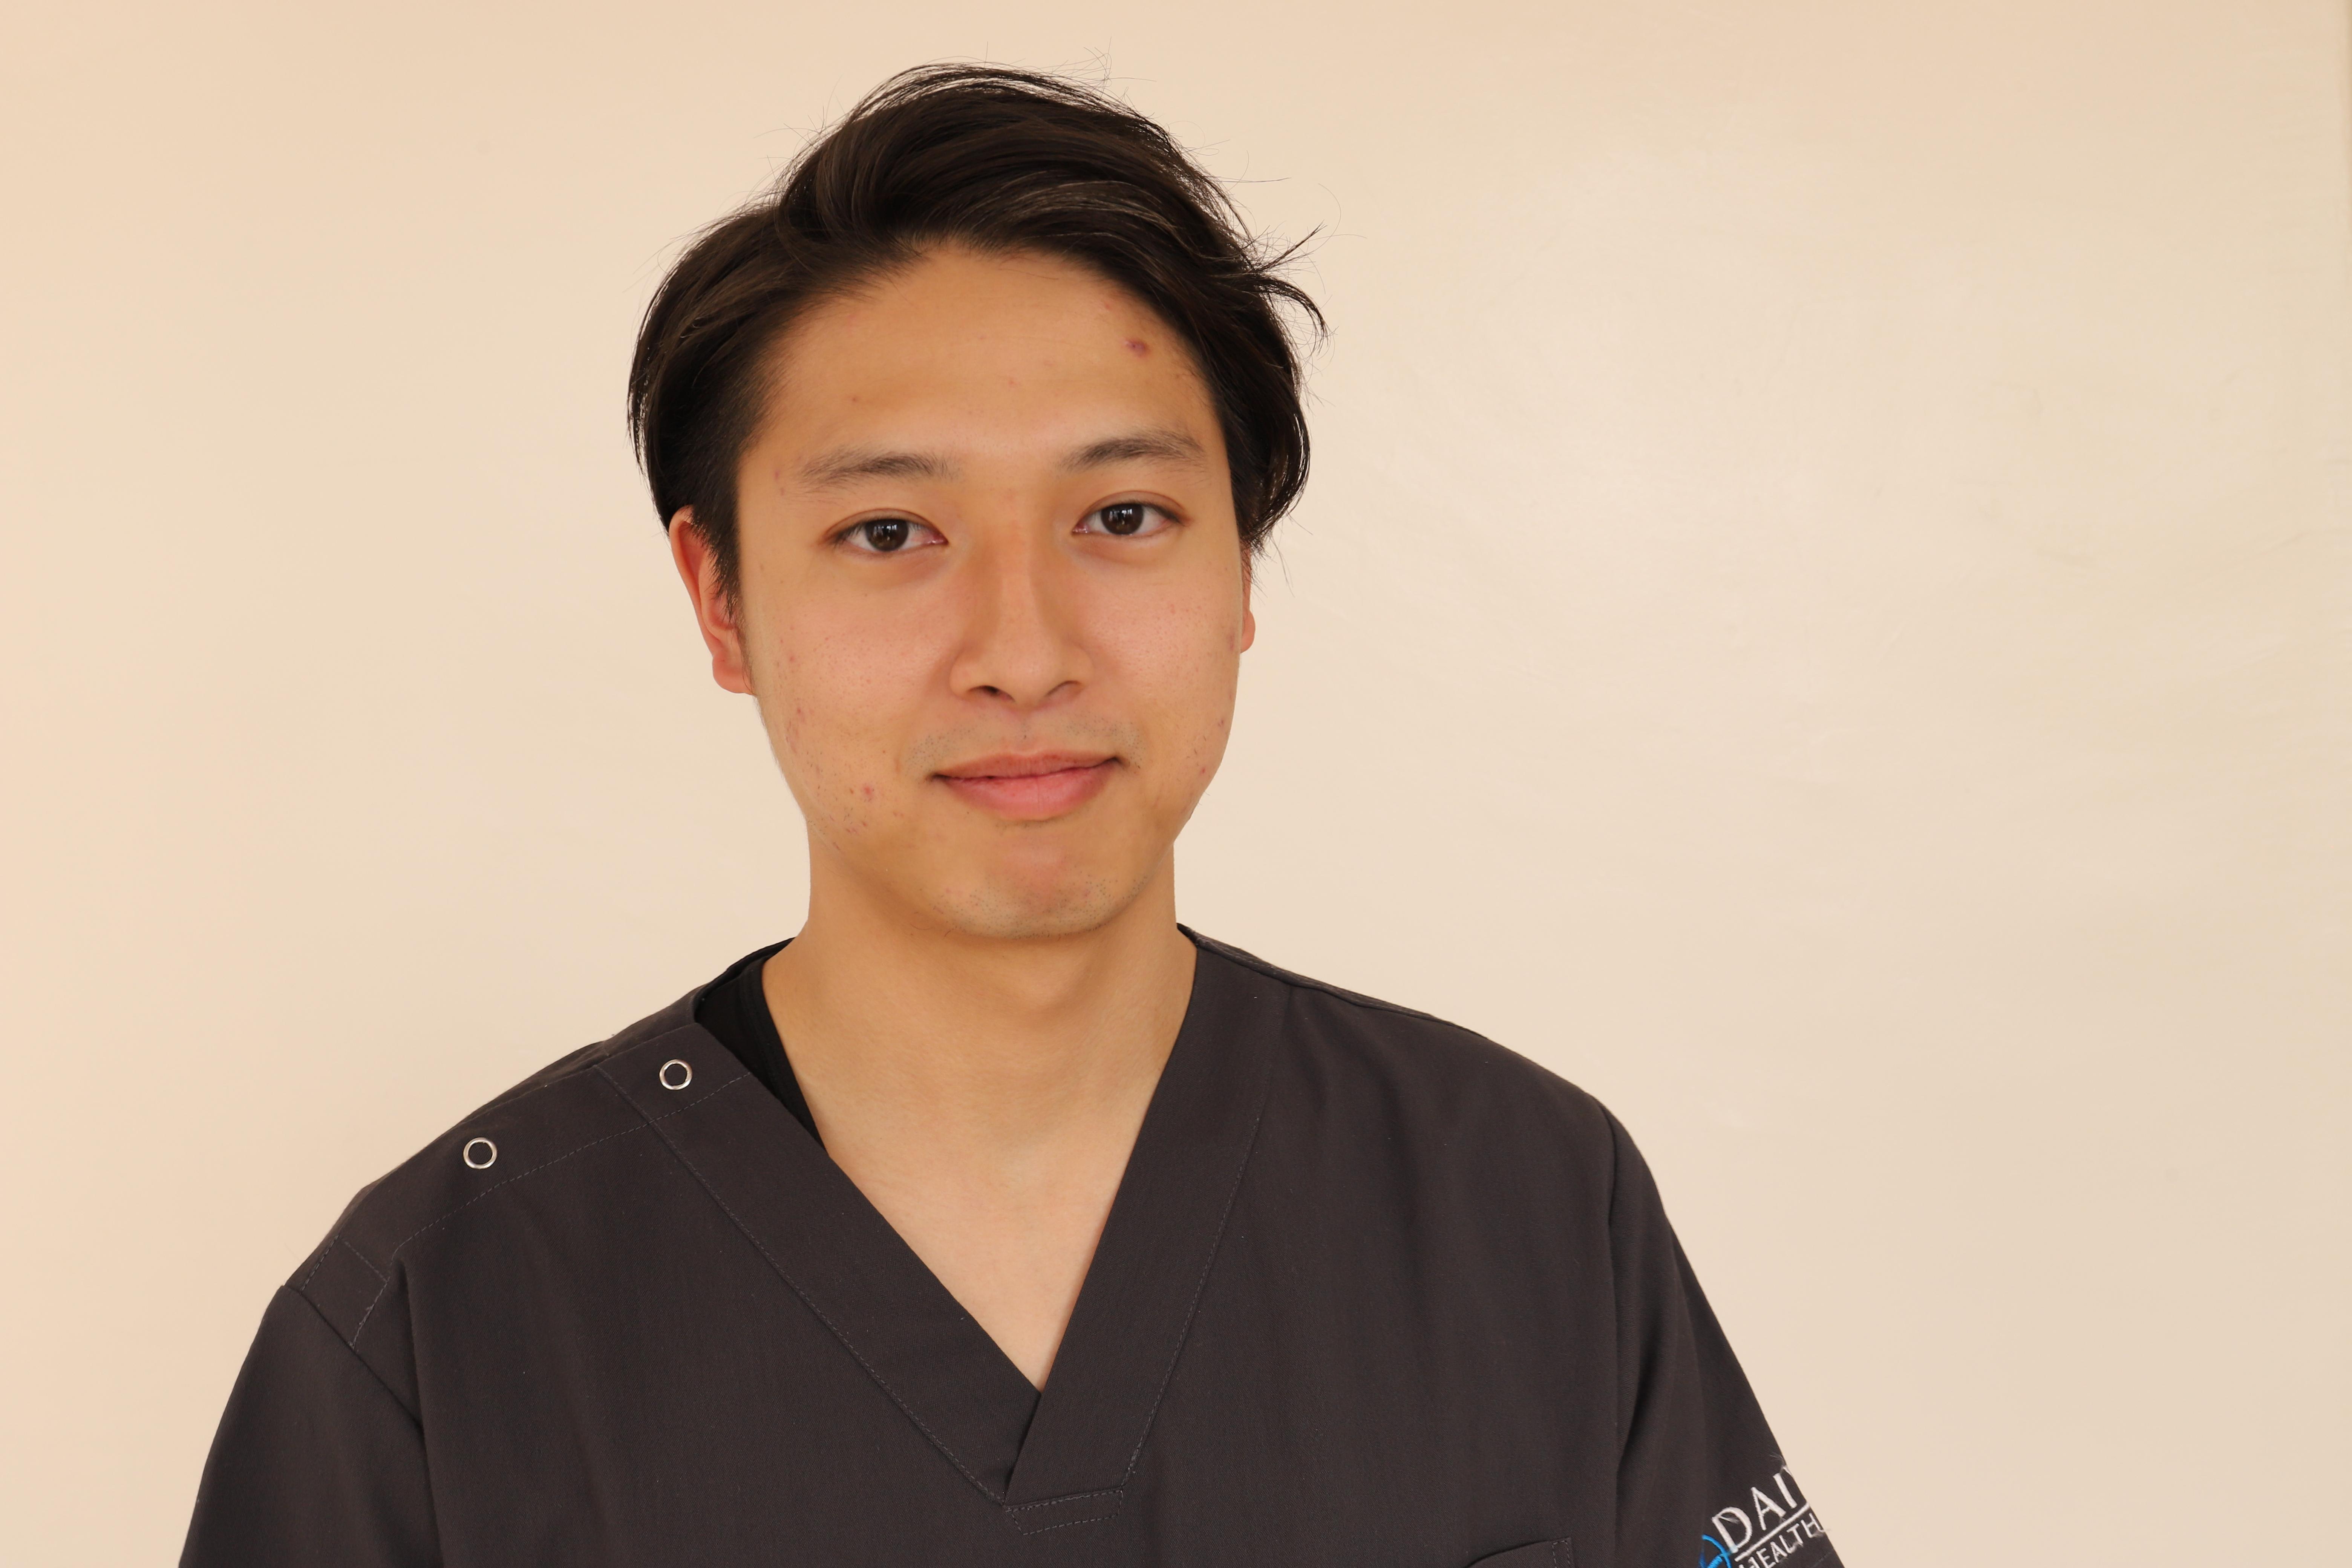 総合大雄会病院 初期研修医2年目 服部 慎之介先生